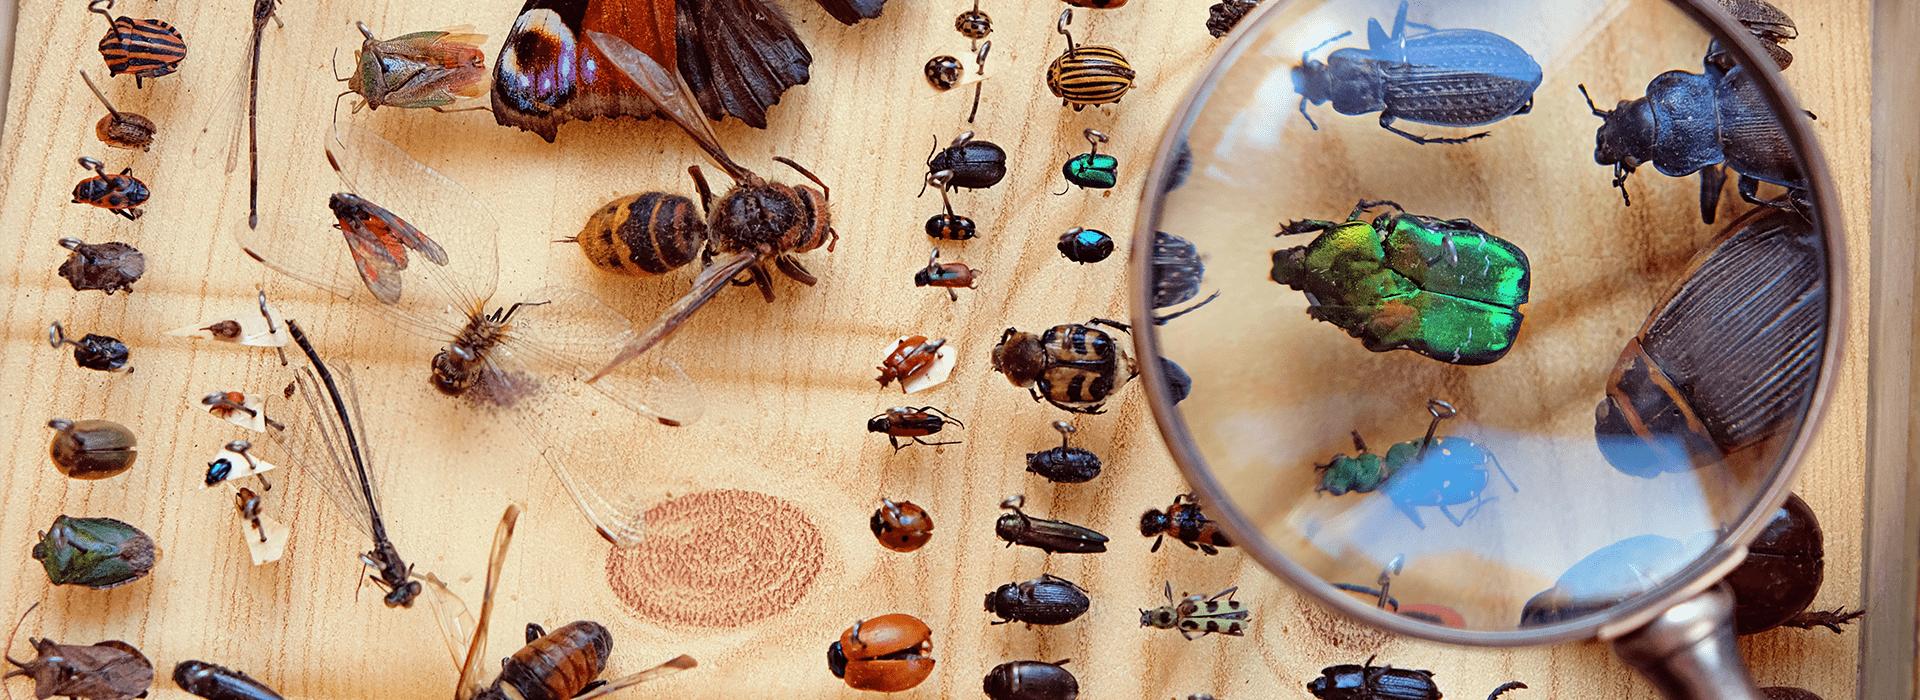 an entomology display case in melbourne florida